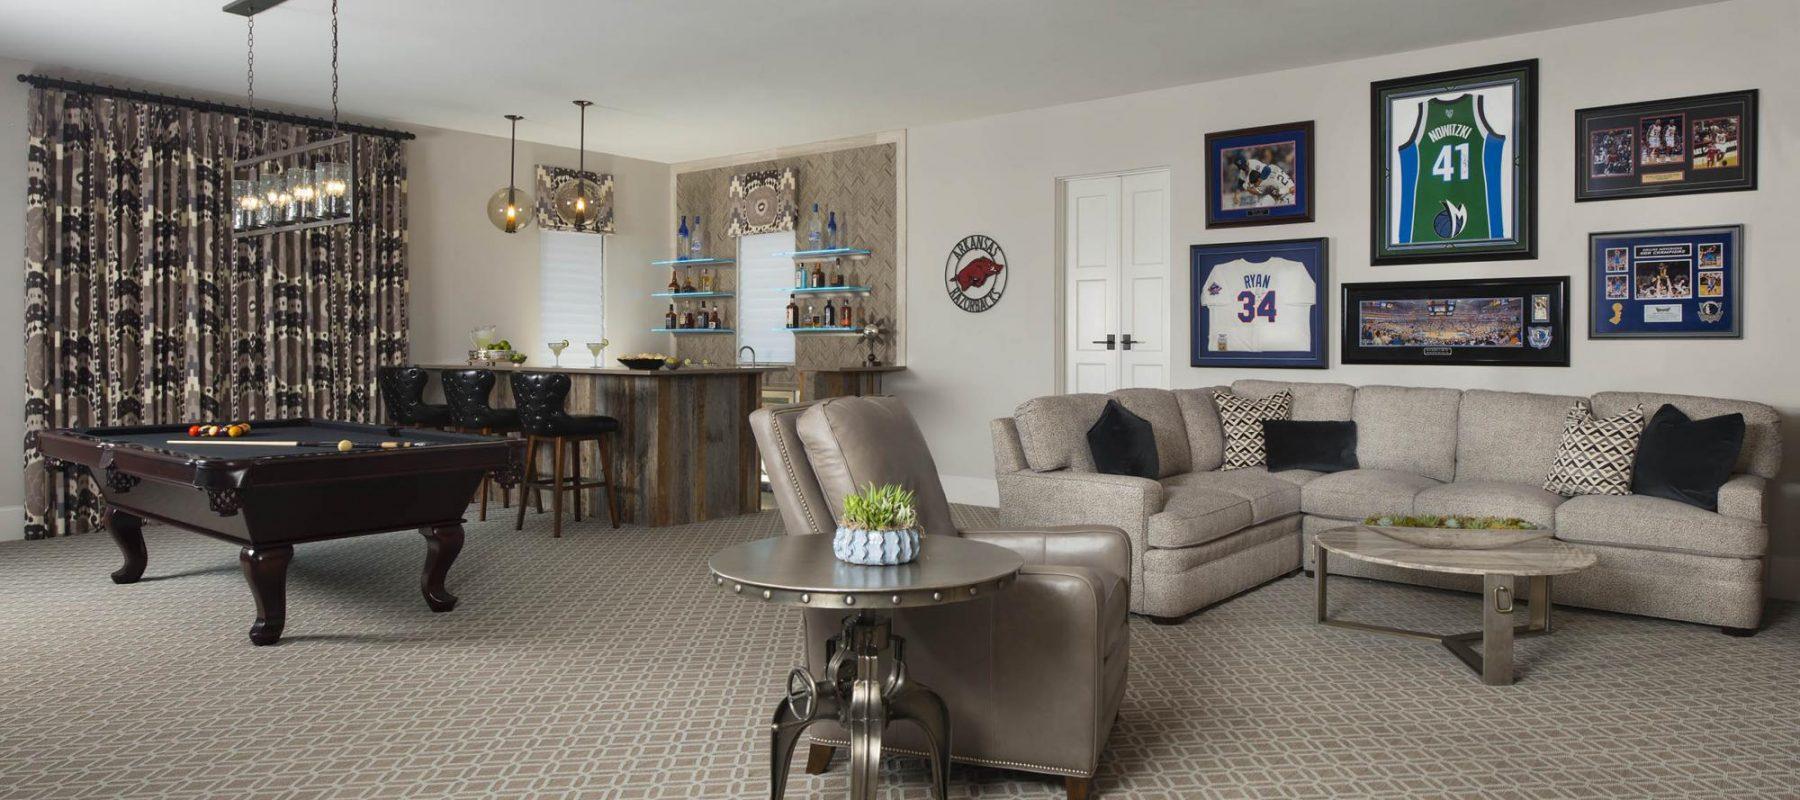 custom homes, custom home builder, texas, frisco, plano, mckinney, fairview, lucas